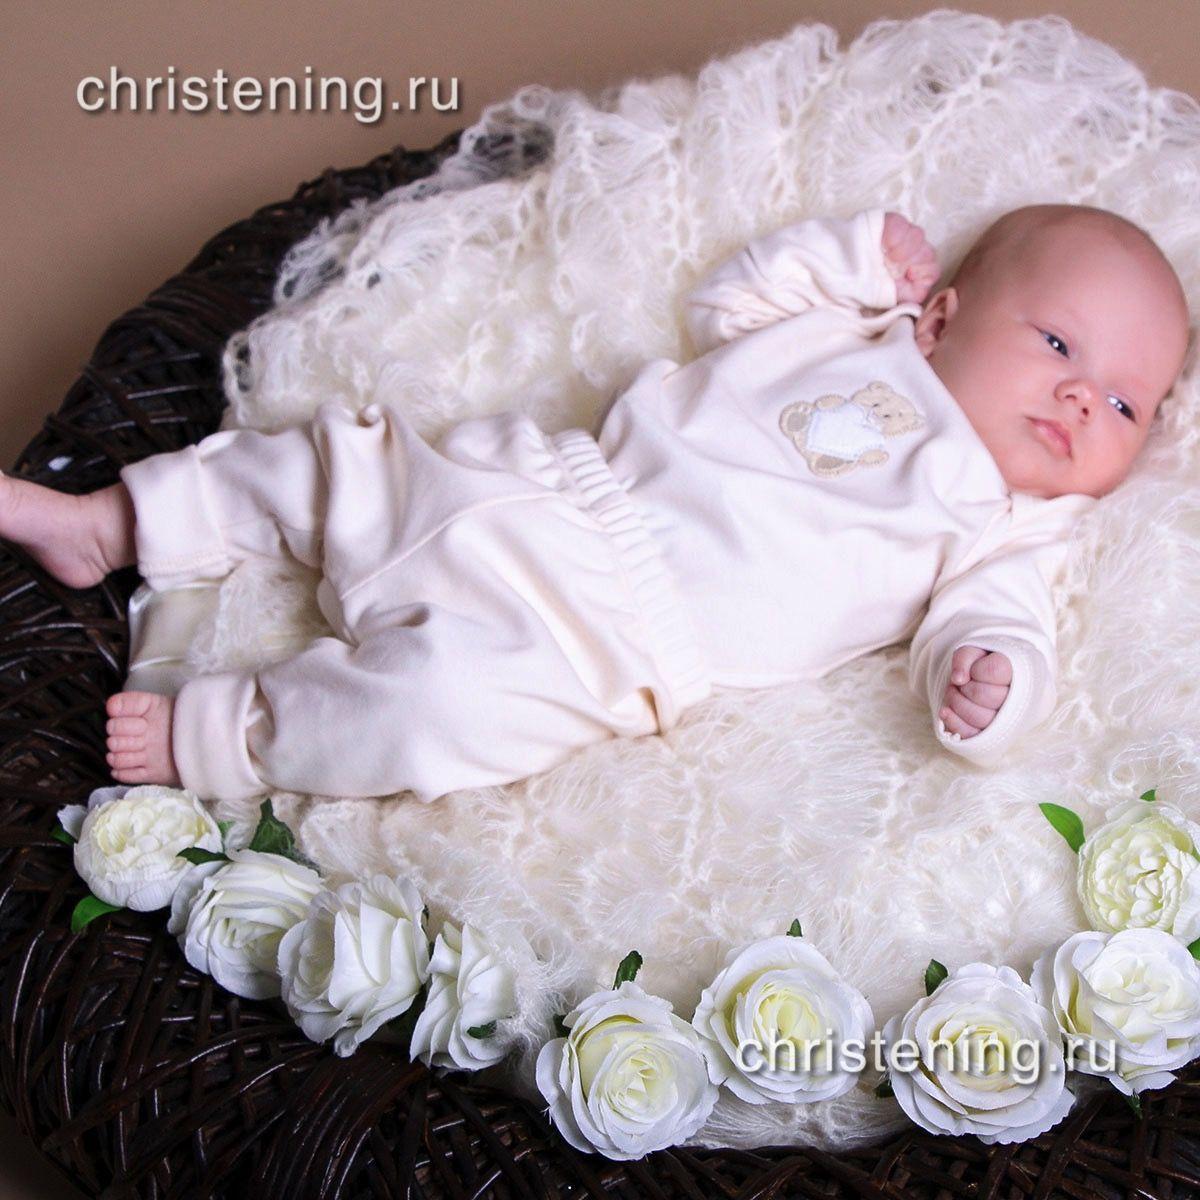 БРЮКИ трикотажные для новорожденного